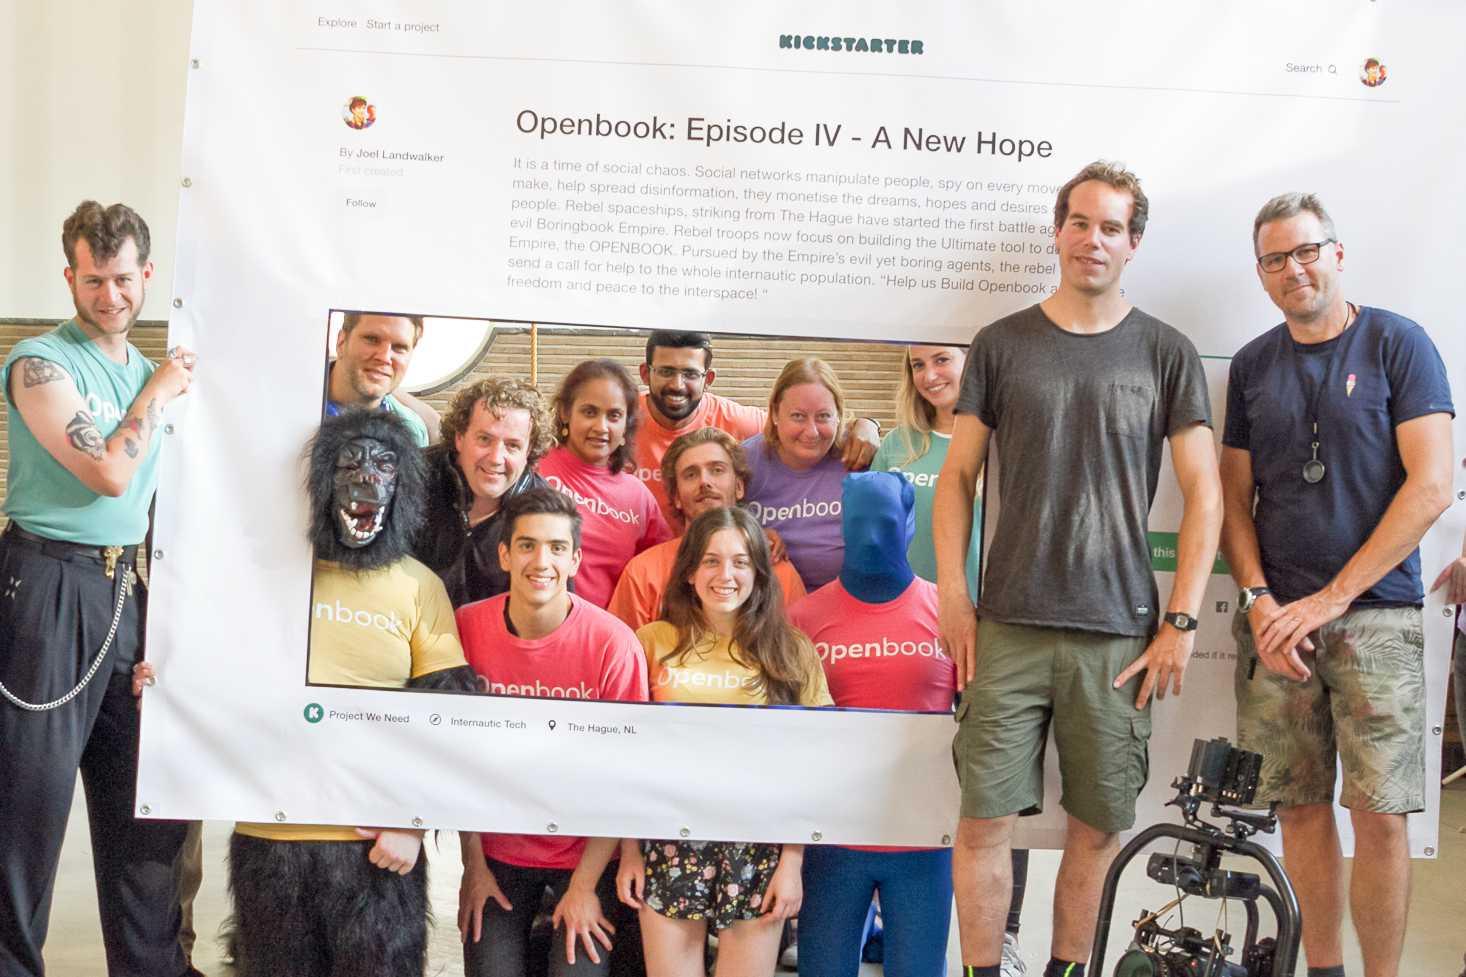 Diese jungen Menschen entwickeln Openbook.